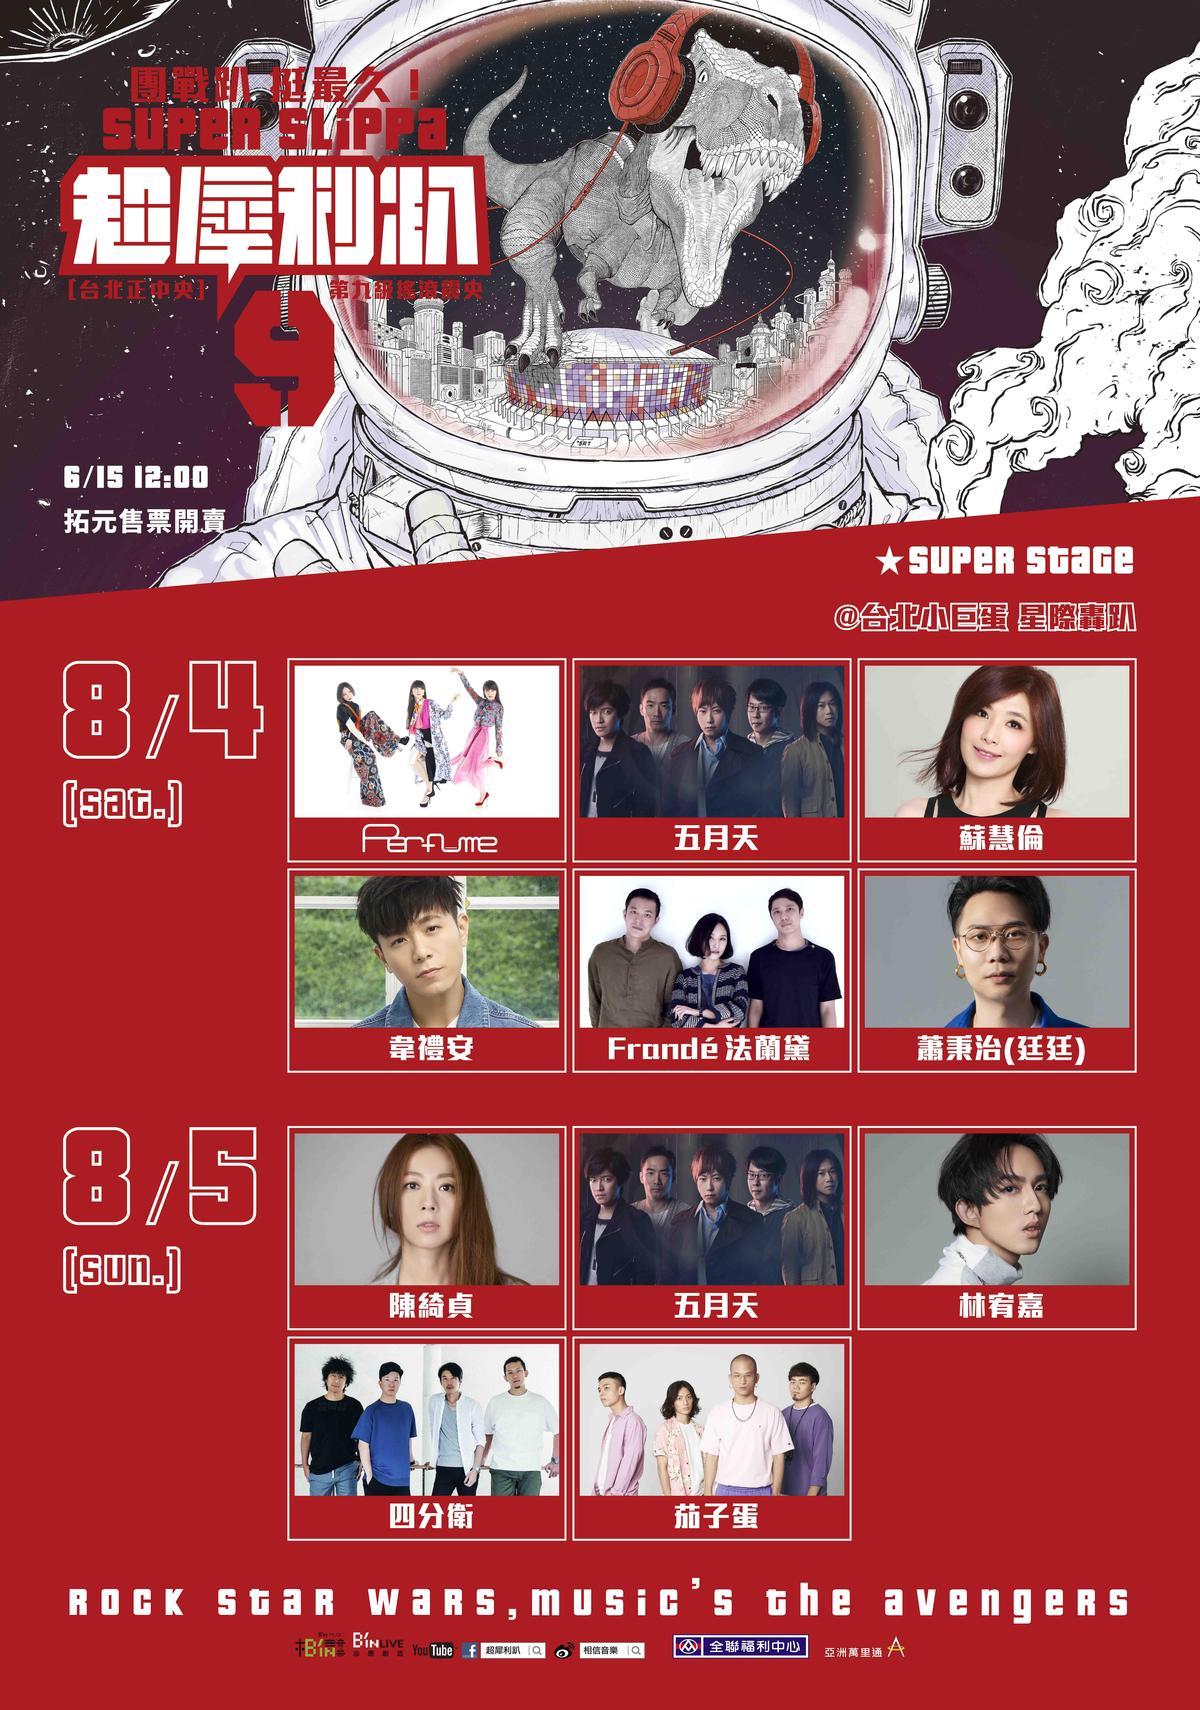 「超犀利趴9」將於8月4、5日在台北小巨蛋開趴。(相信音樂提供)